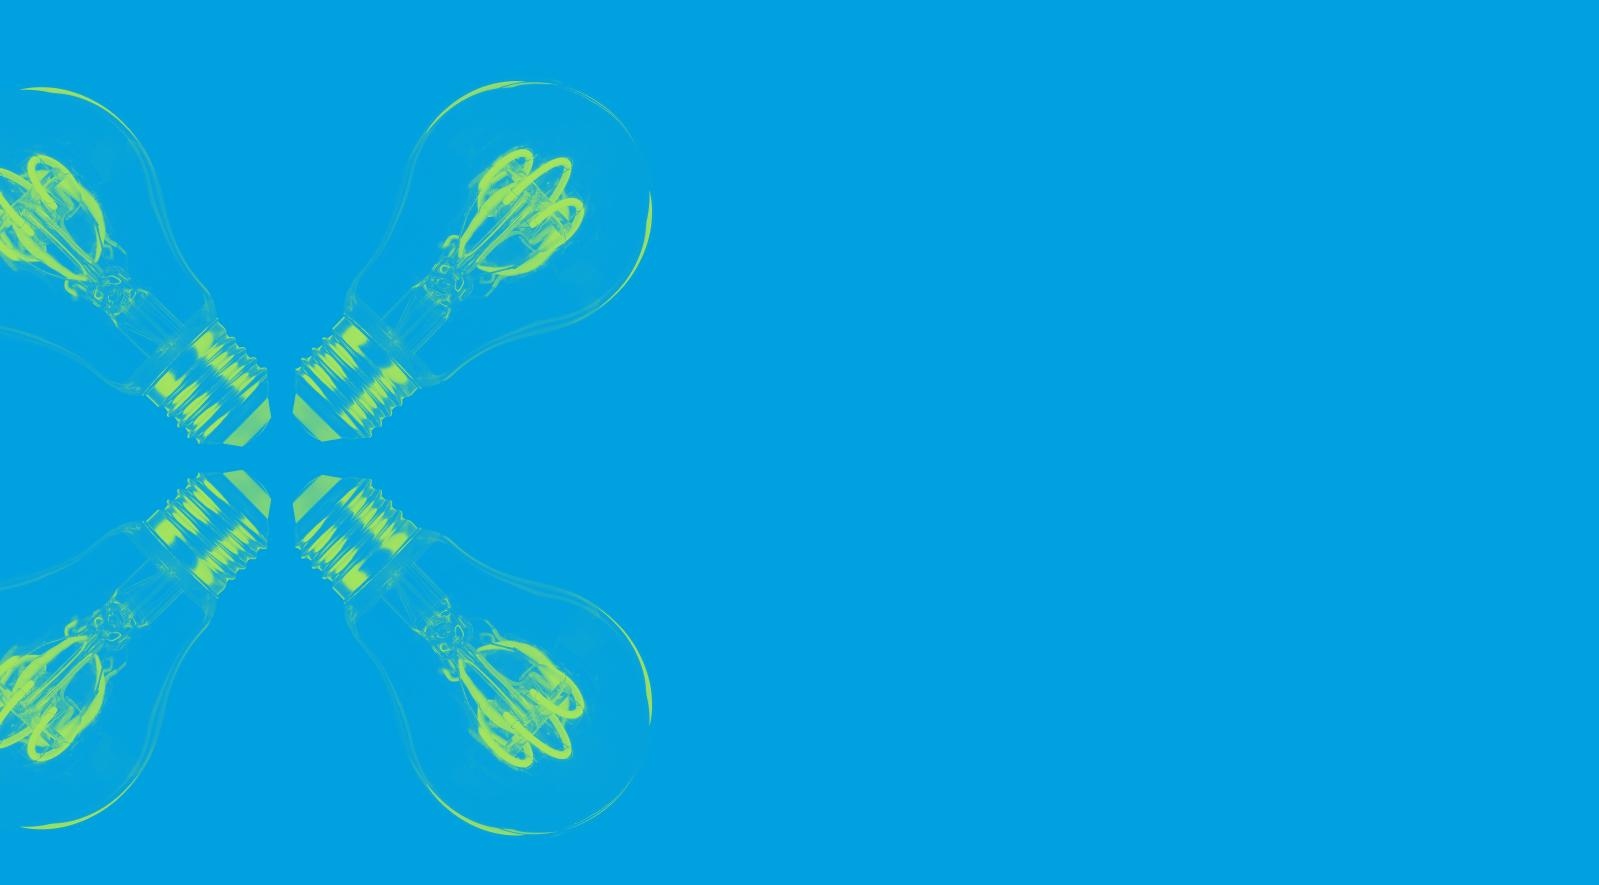 Fondo de bombillas azul y verde de la zona de por qué contar con Mood 359 como agencia de marketing online